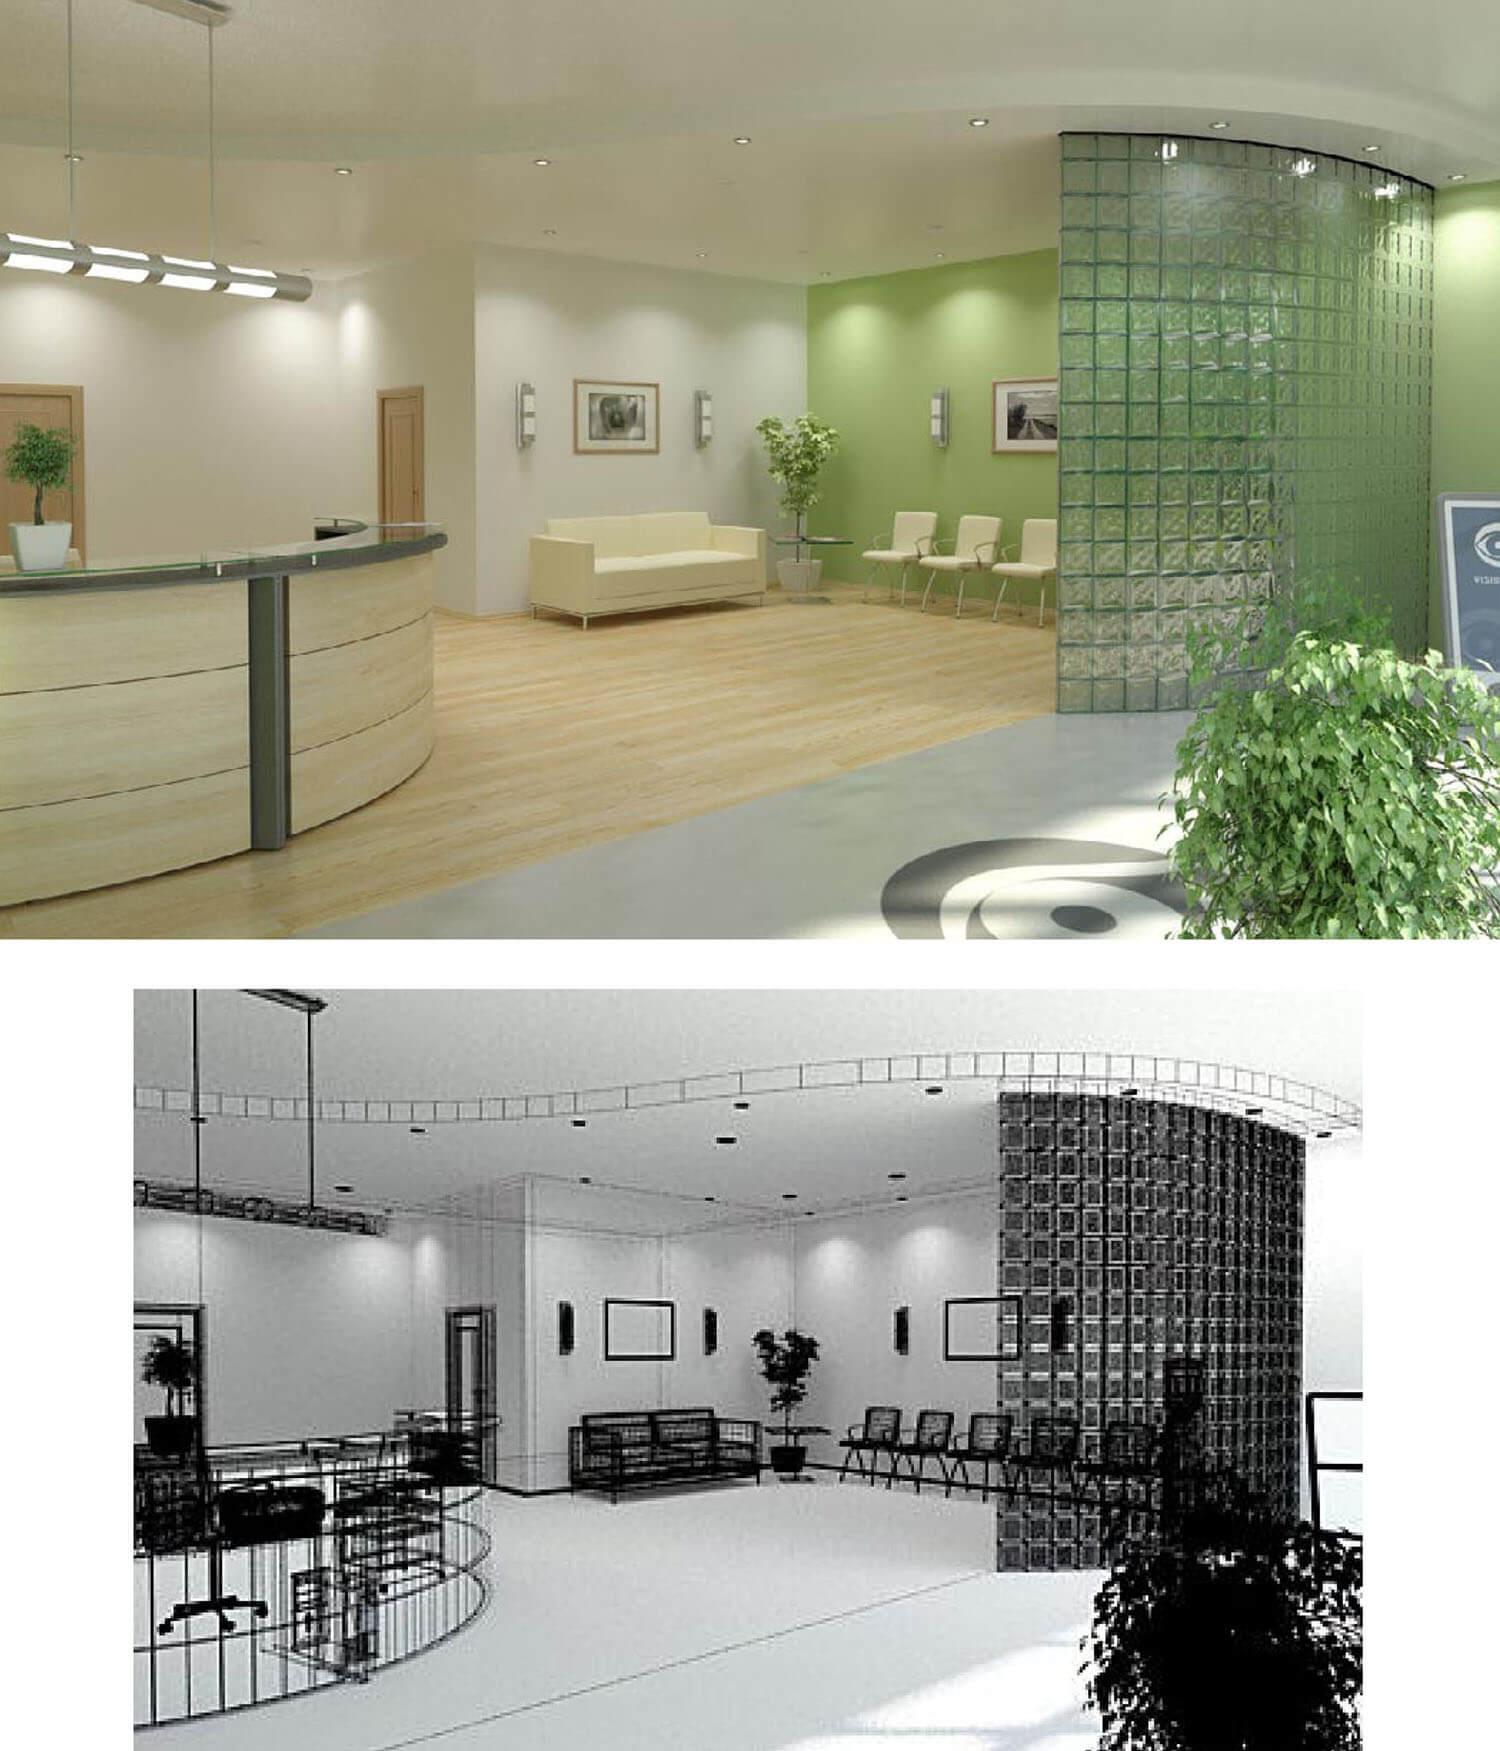 Không gian văn phòng được thiết kế thành 2 phần tiếp khách và phòng đợi